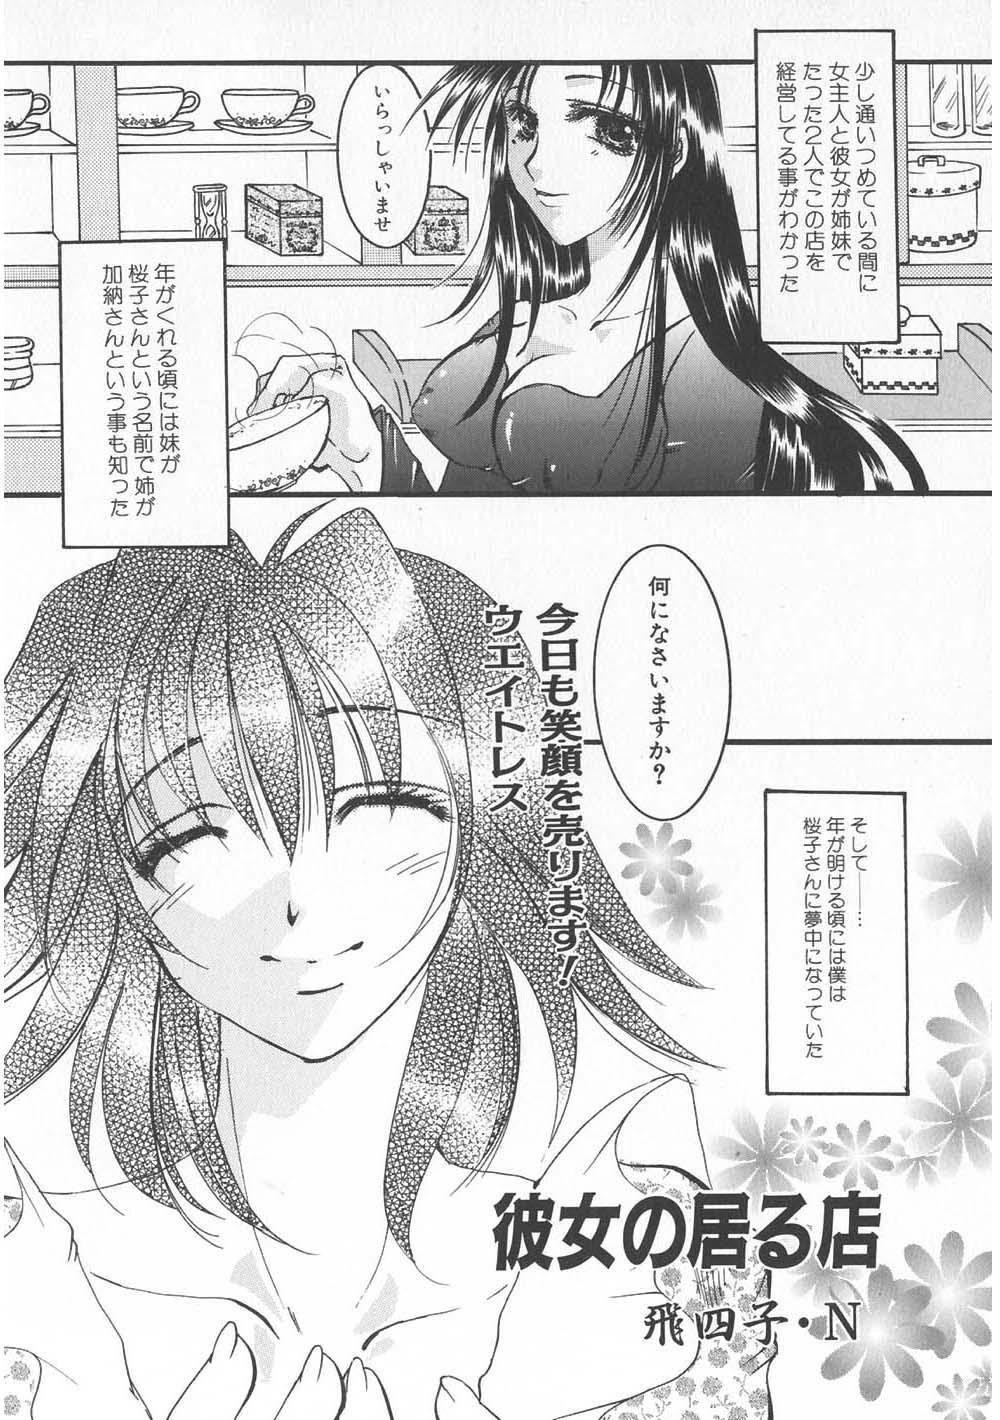 Gochuumon wa Okimari Desuka 135